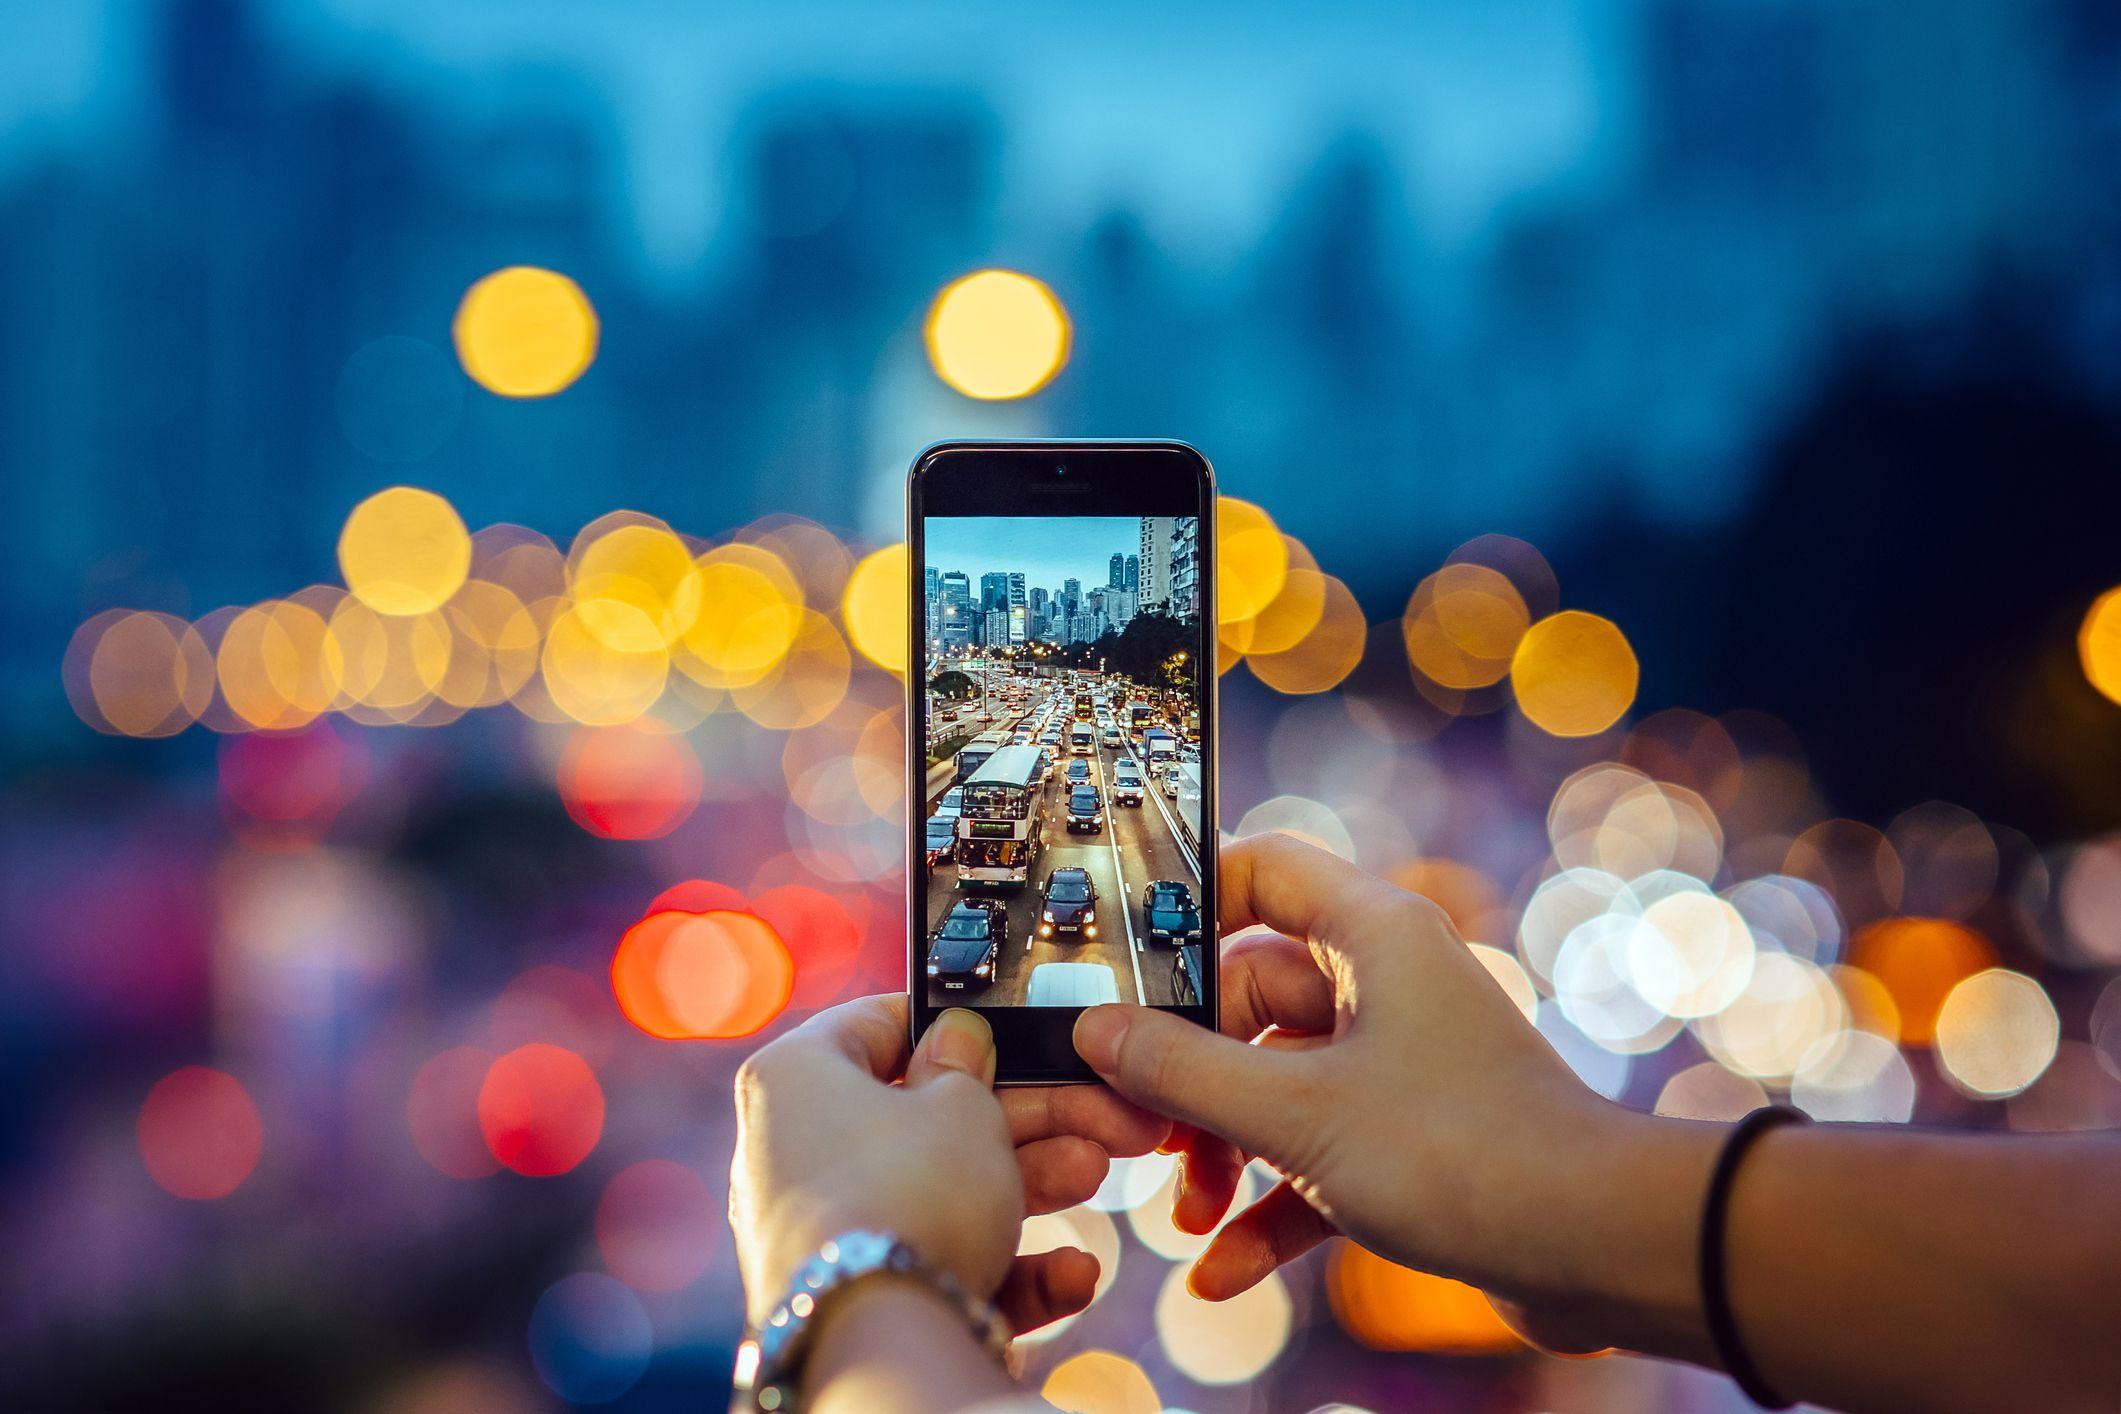 лица после как называется мобильное приложение фотопортрет как место для